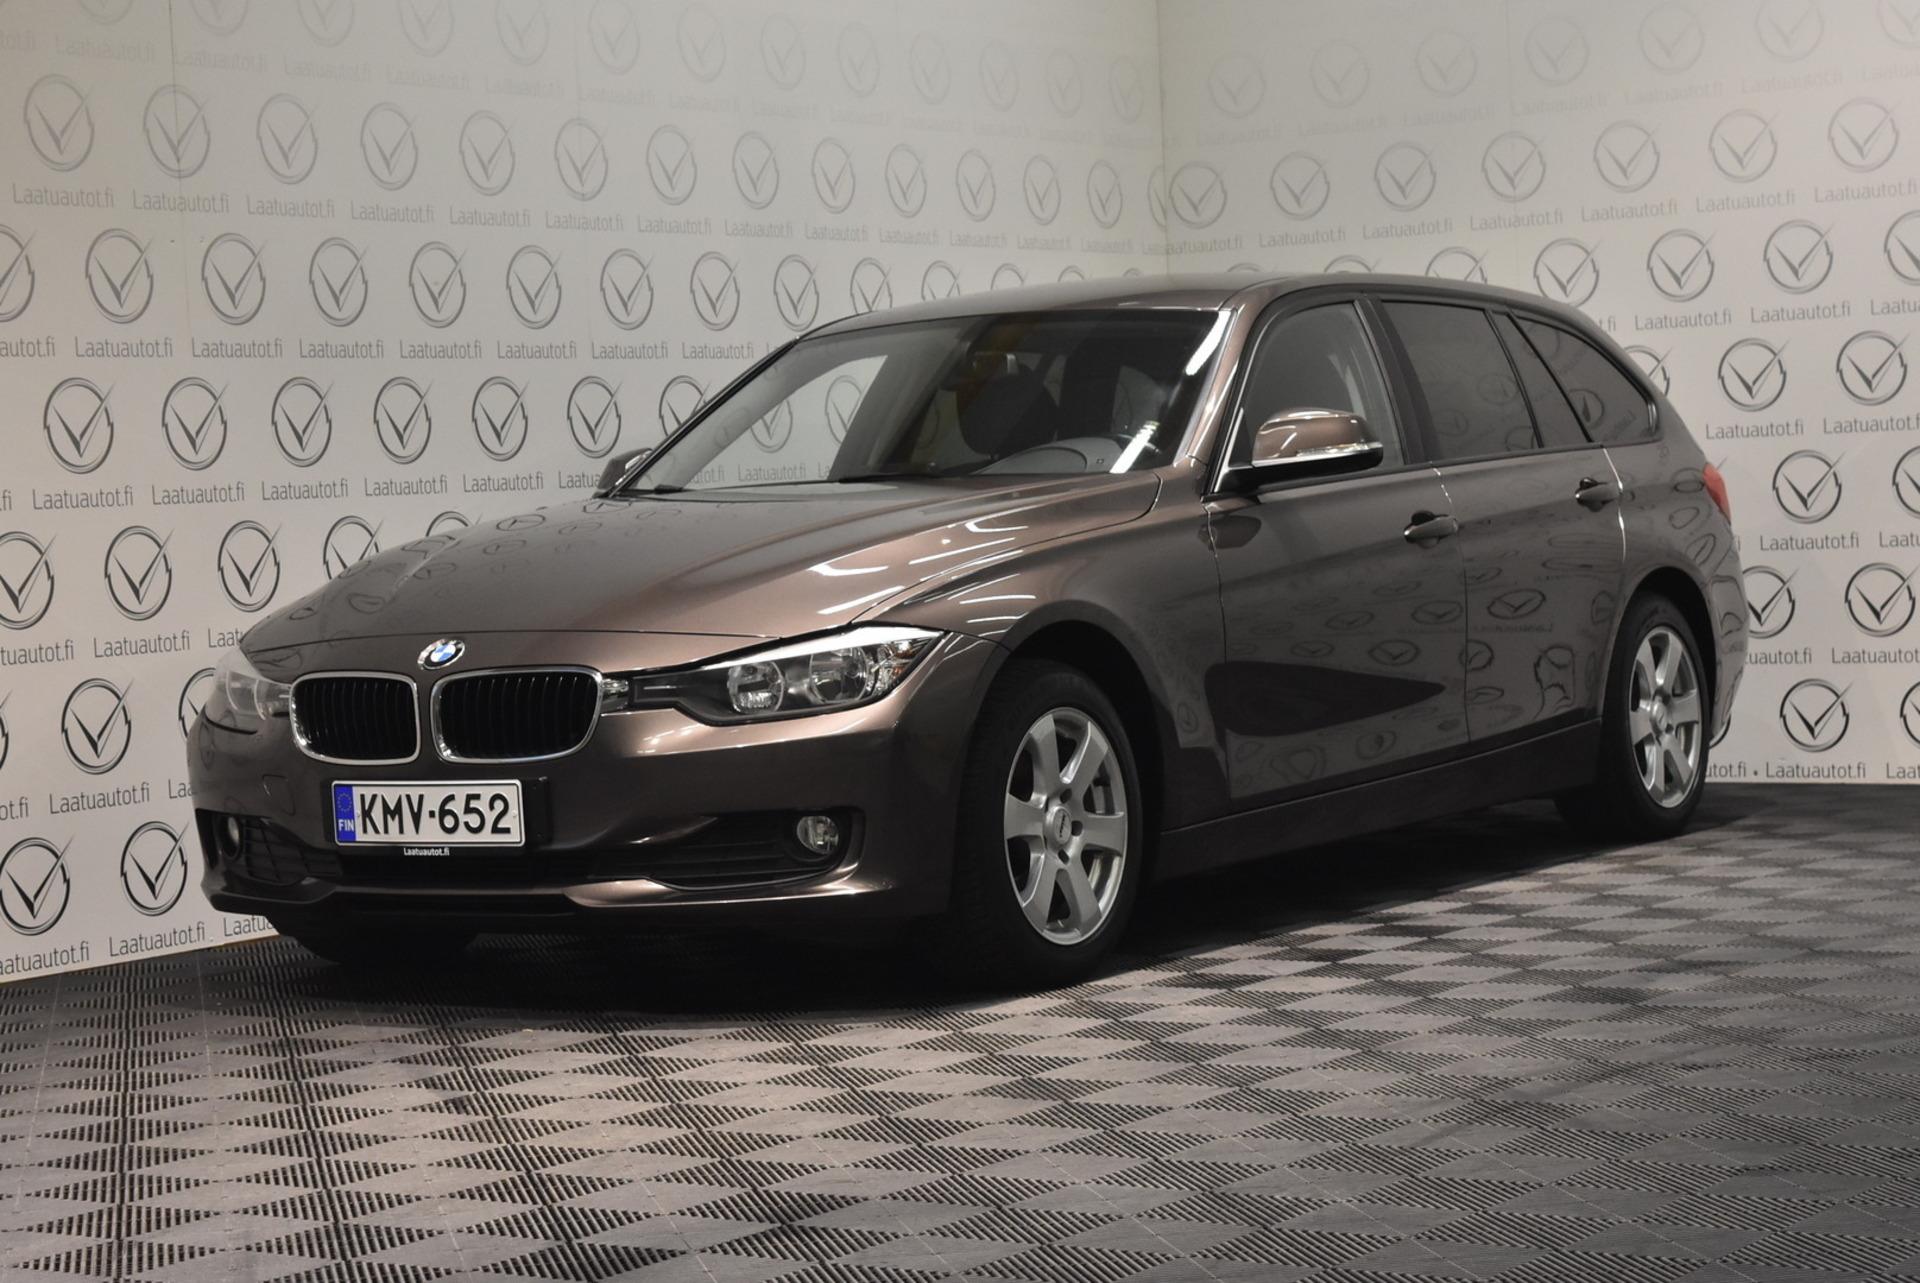 BMW 318 TwinPower Turbo F31 Touring - Korko 1, 89%,  Rahoitus jopa ilman käsirahaa! Kuntotarkastettu,  Navigointi,  PDC,  Cruise!